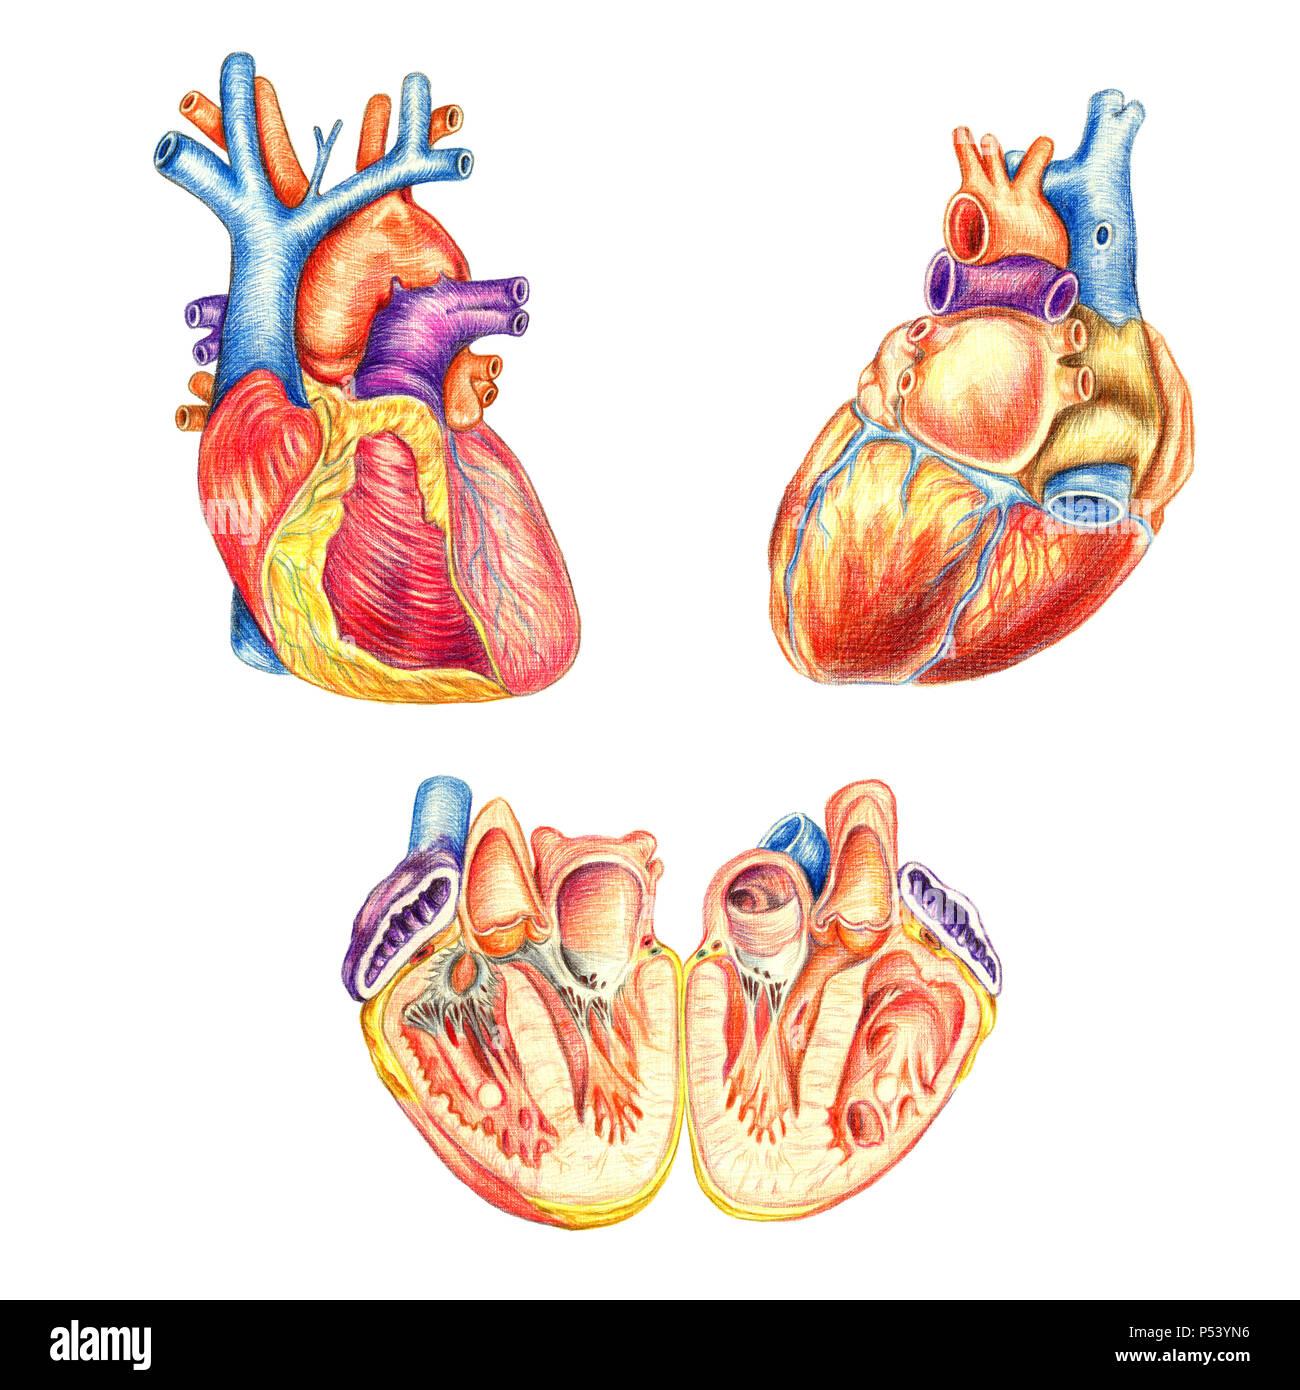 El corazón humano visto desde el frente, atrás y corte longitudinal, dibujadas a mano ilustración médica, lápices de colores para dibujar con imitación de litografía Imagen De Stock